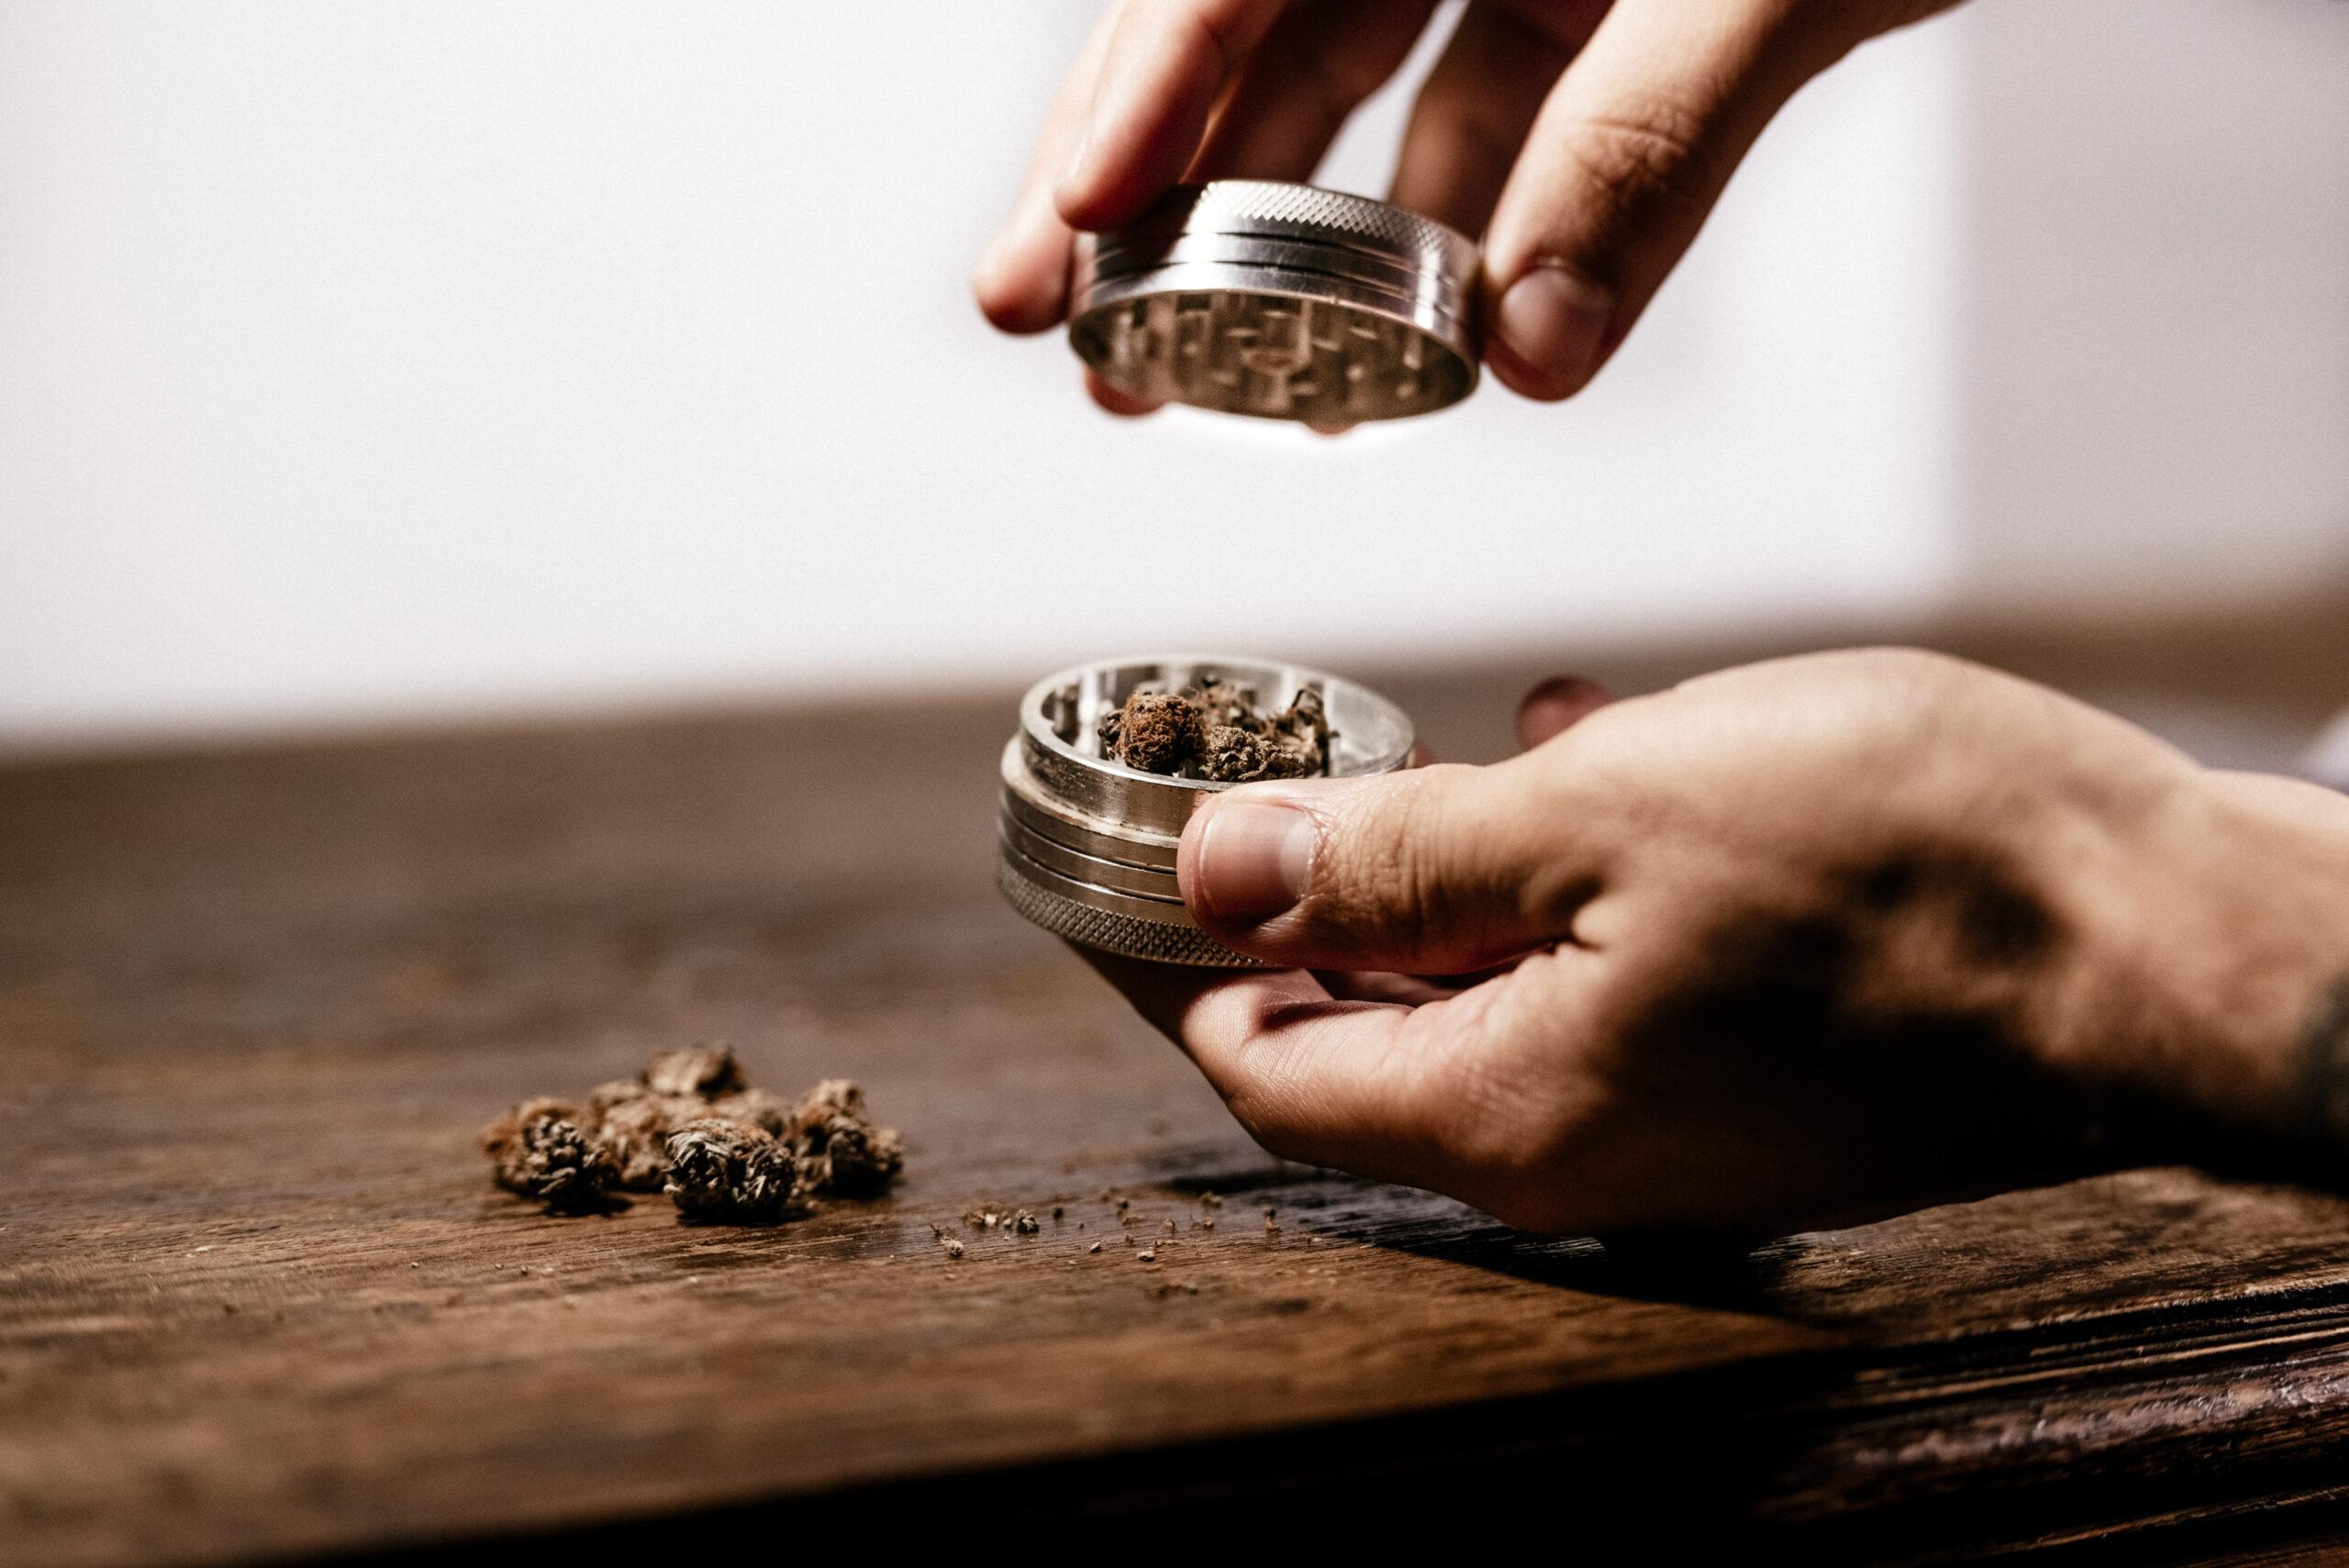 Grinder per tritare marijuana